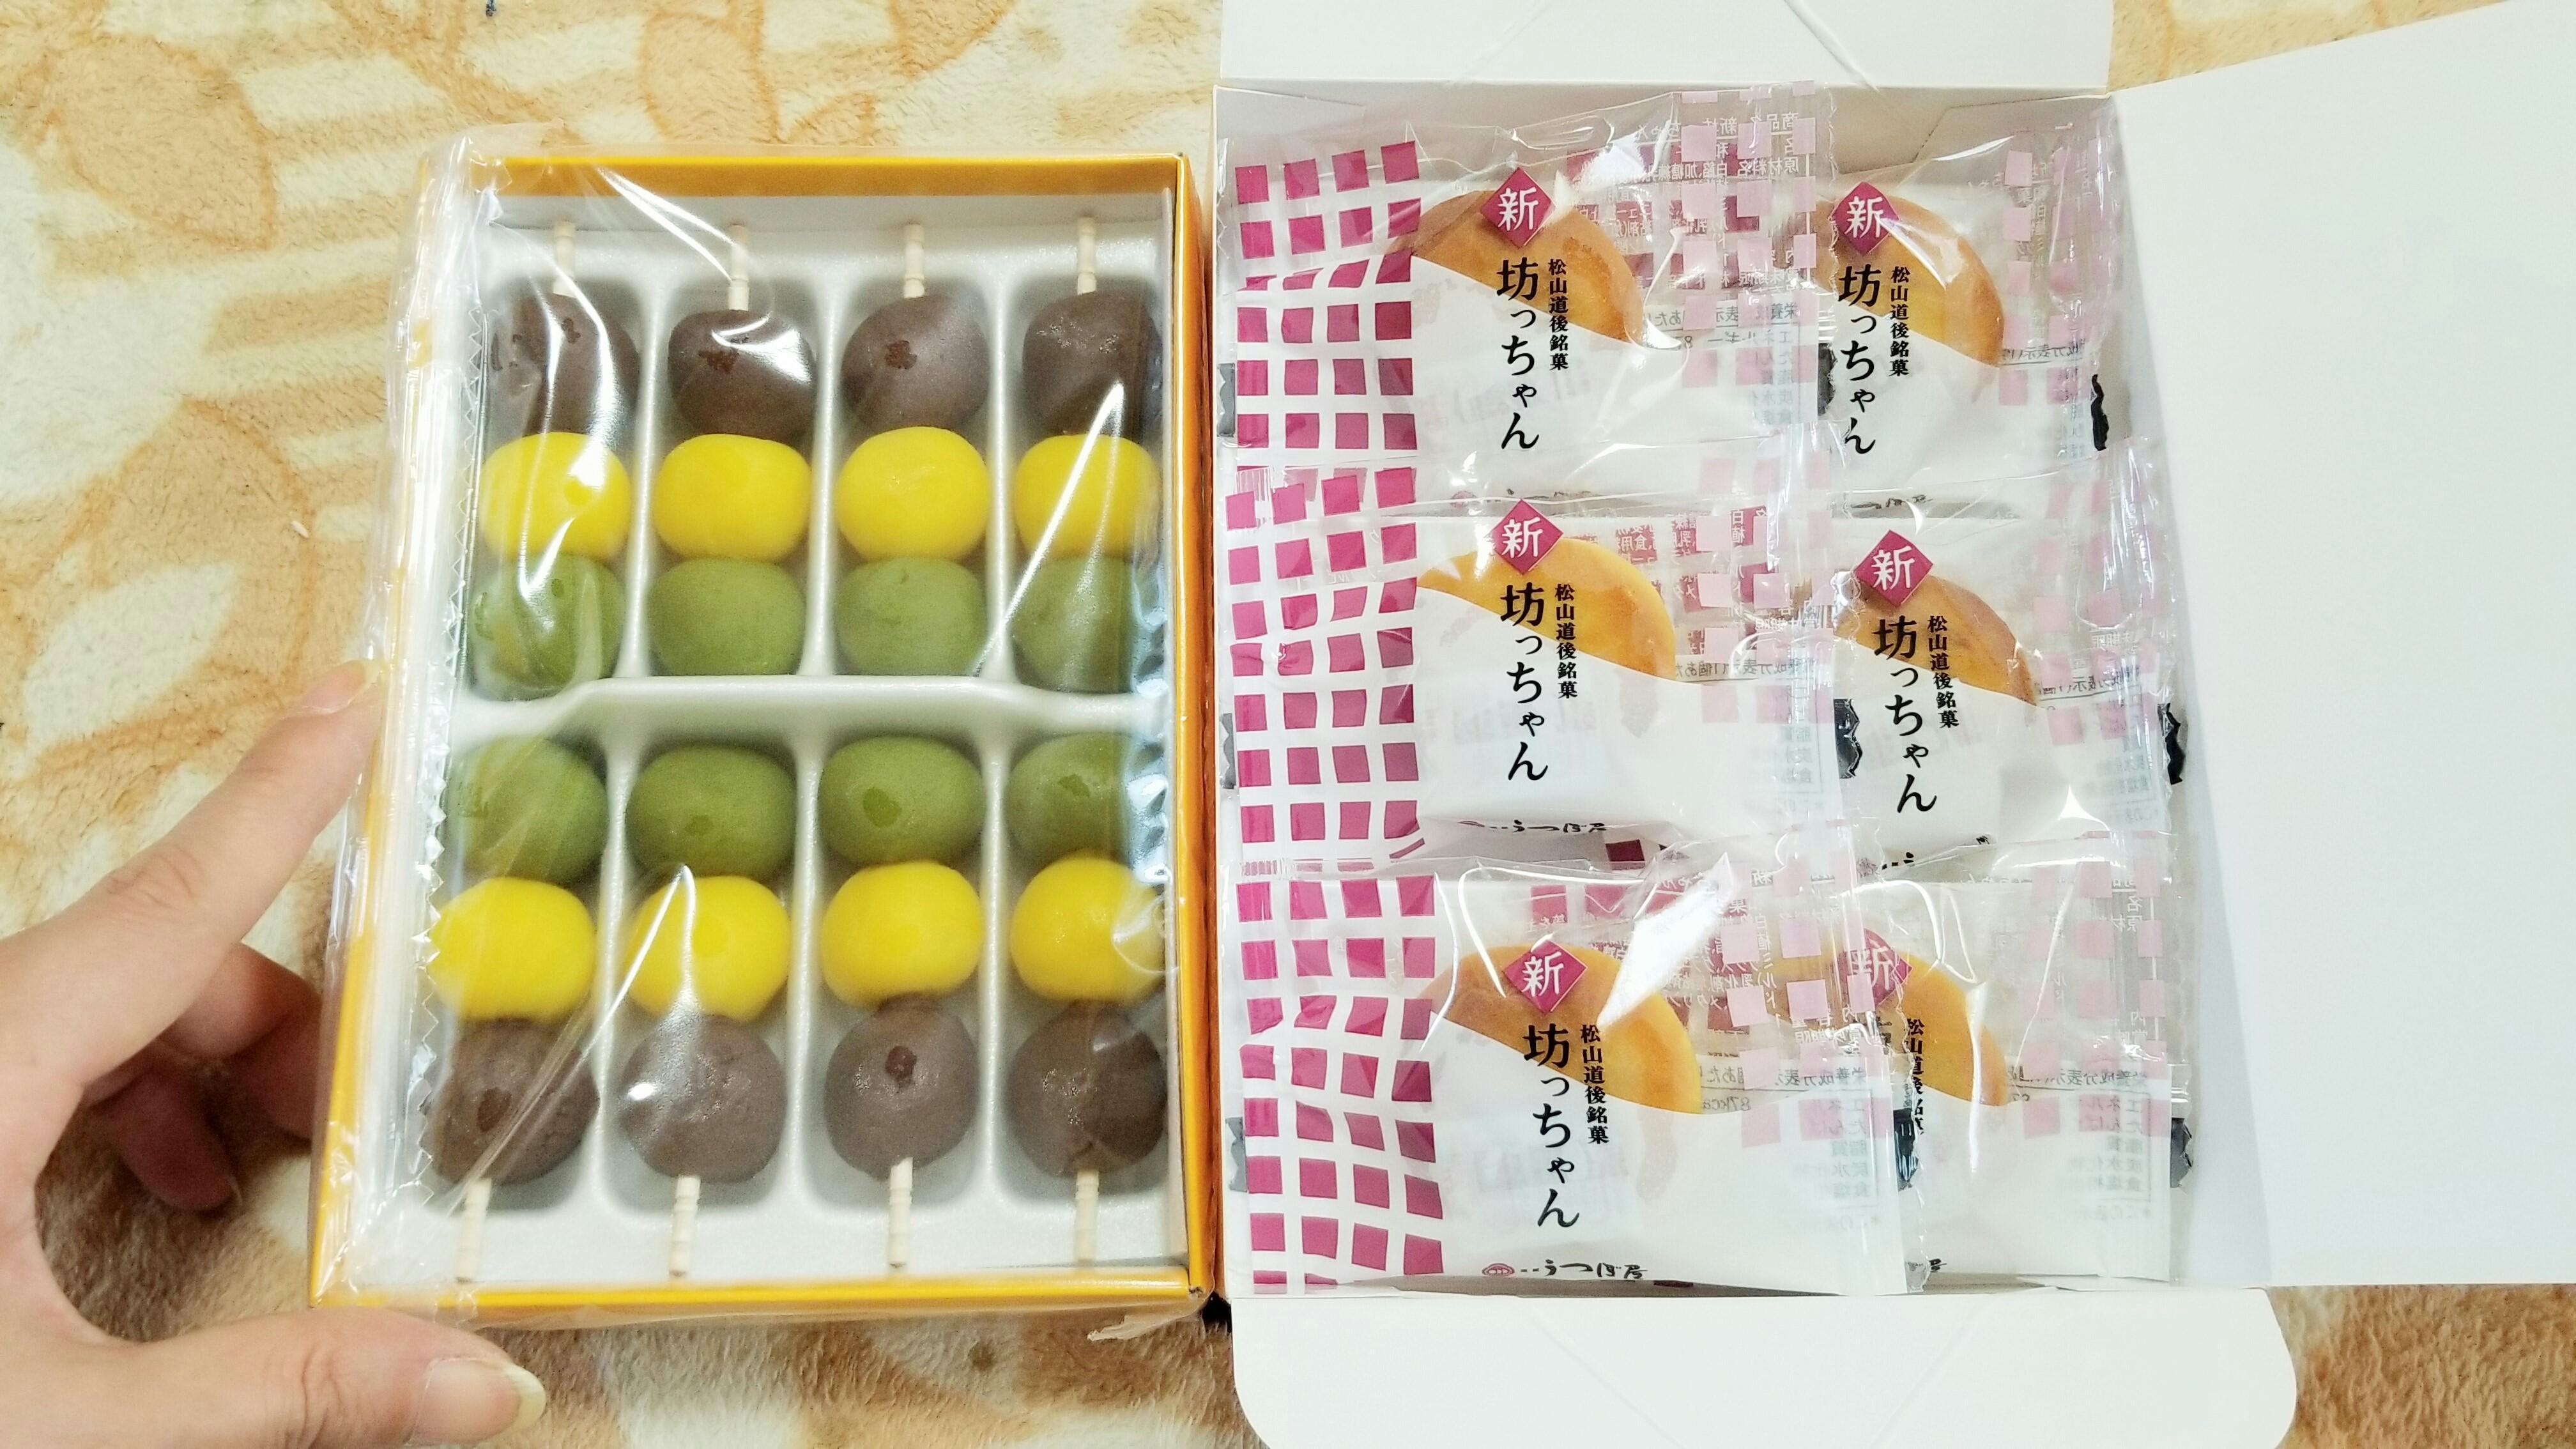 愛媛県四国名物甘味和菓子スイーツおすすめ人気土産物坊っちゃん団子